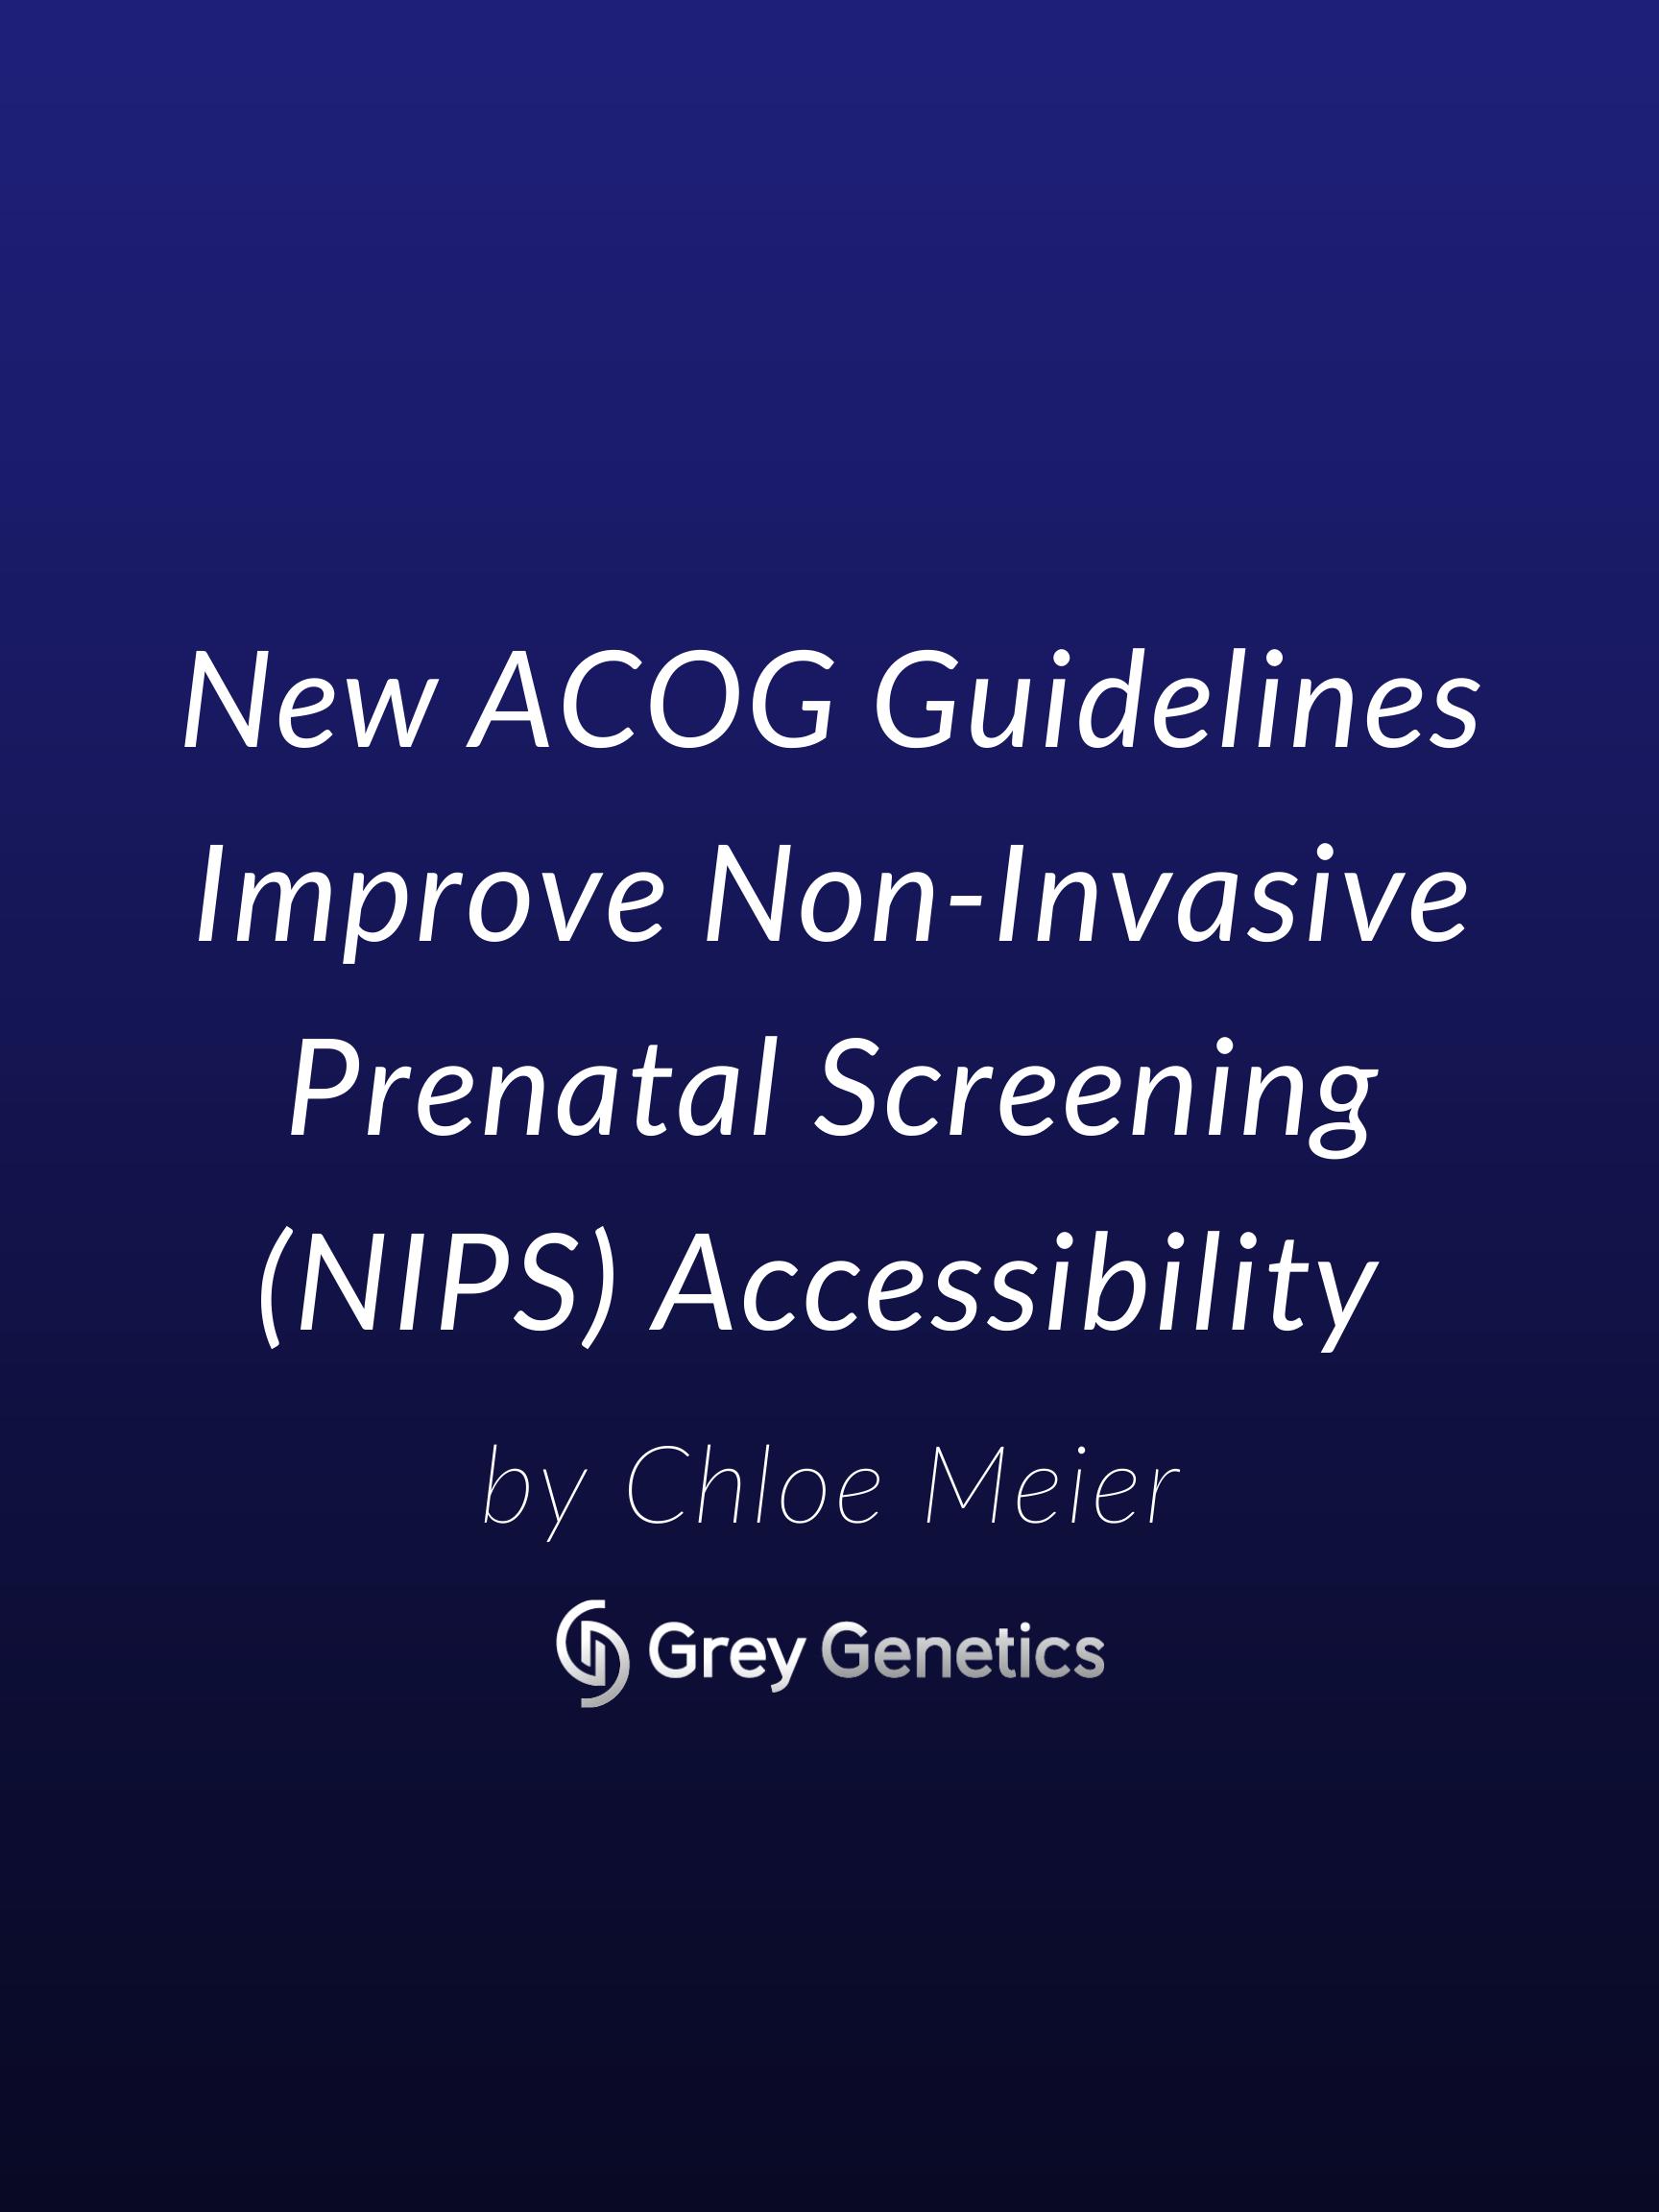 NIPS guidelines